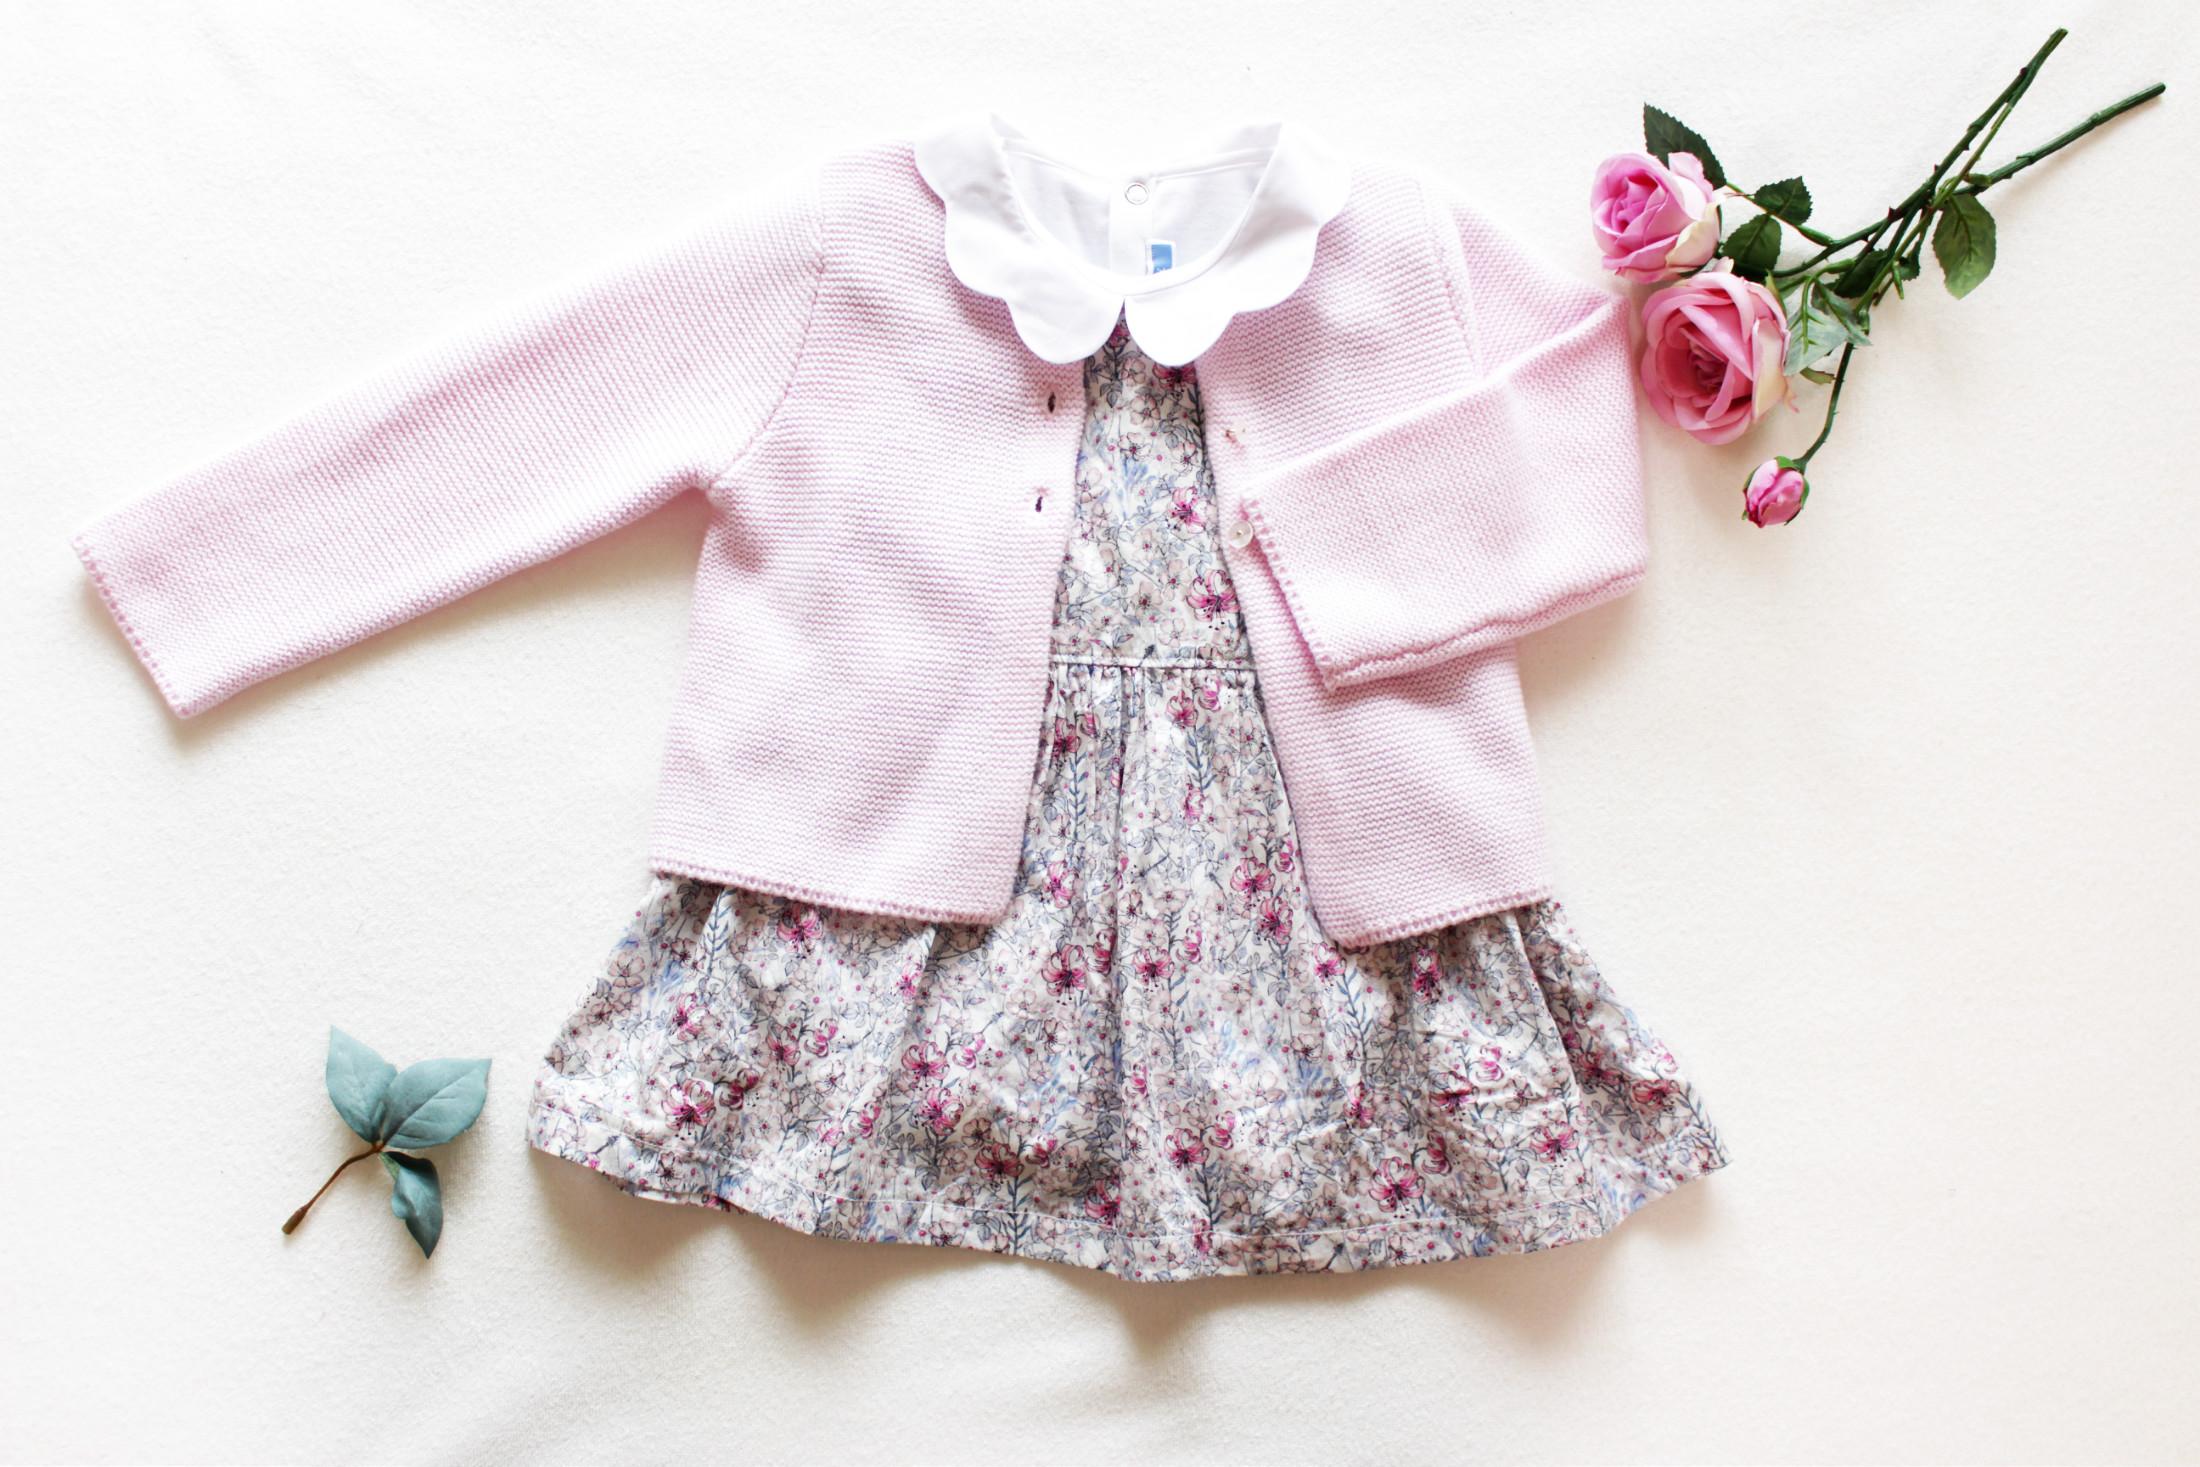 赤ちゃんのワンピースはこう着せる!周りと差がつくワンピコーデ術